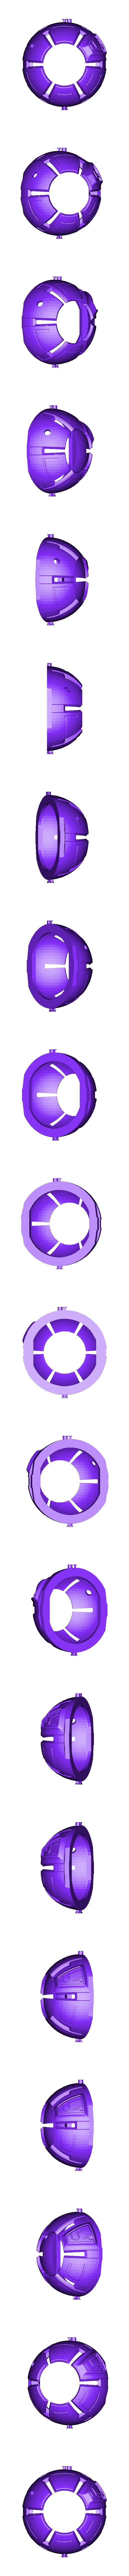 frontball.stl Télécharger fichier STL gratuit Matrice Autobot du Leadership • Objet pour imprimante 3D, Yipham